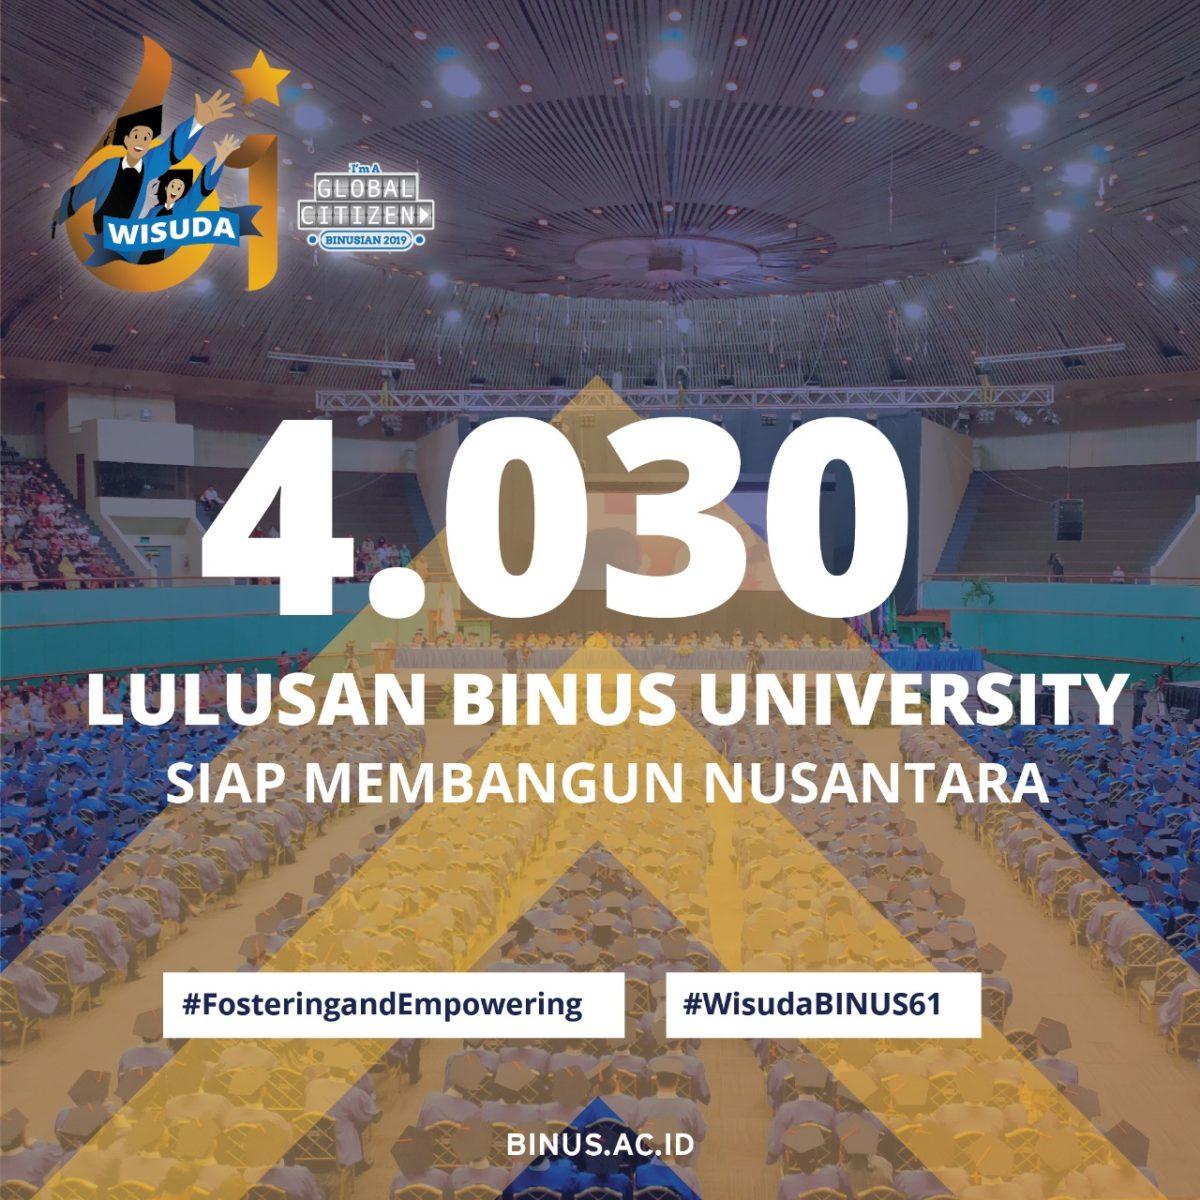 Wisuda BINUS ke-61 Menambah Jumlah Komunitas BINUSIAN Yang Siap Berkontribusi Bagi Nusantara